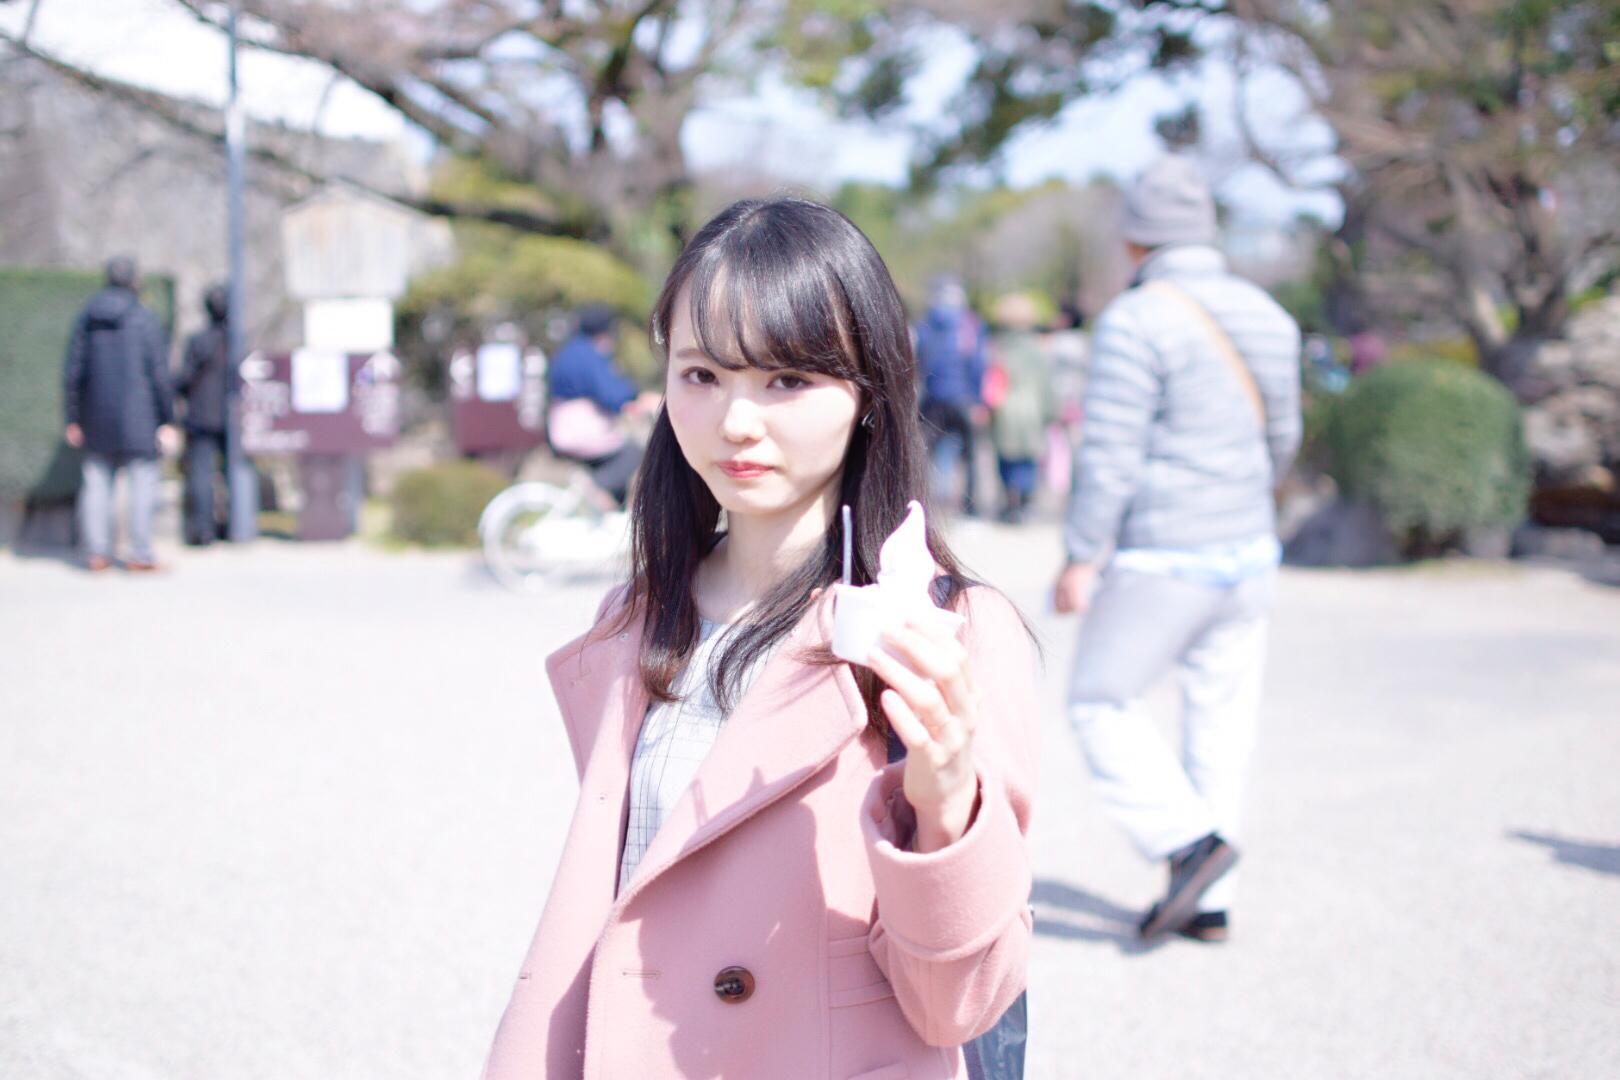 【名古屋】名古屋城でお花見!!名古屋城春まつり【桜】_4